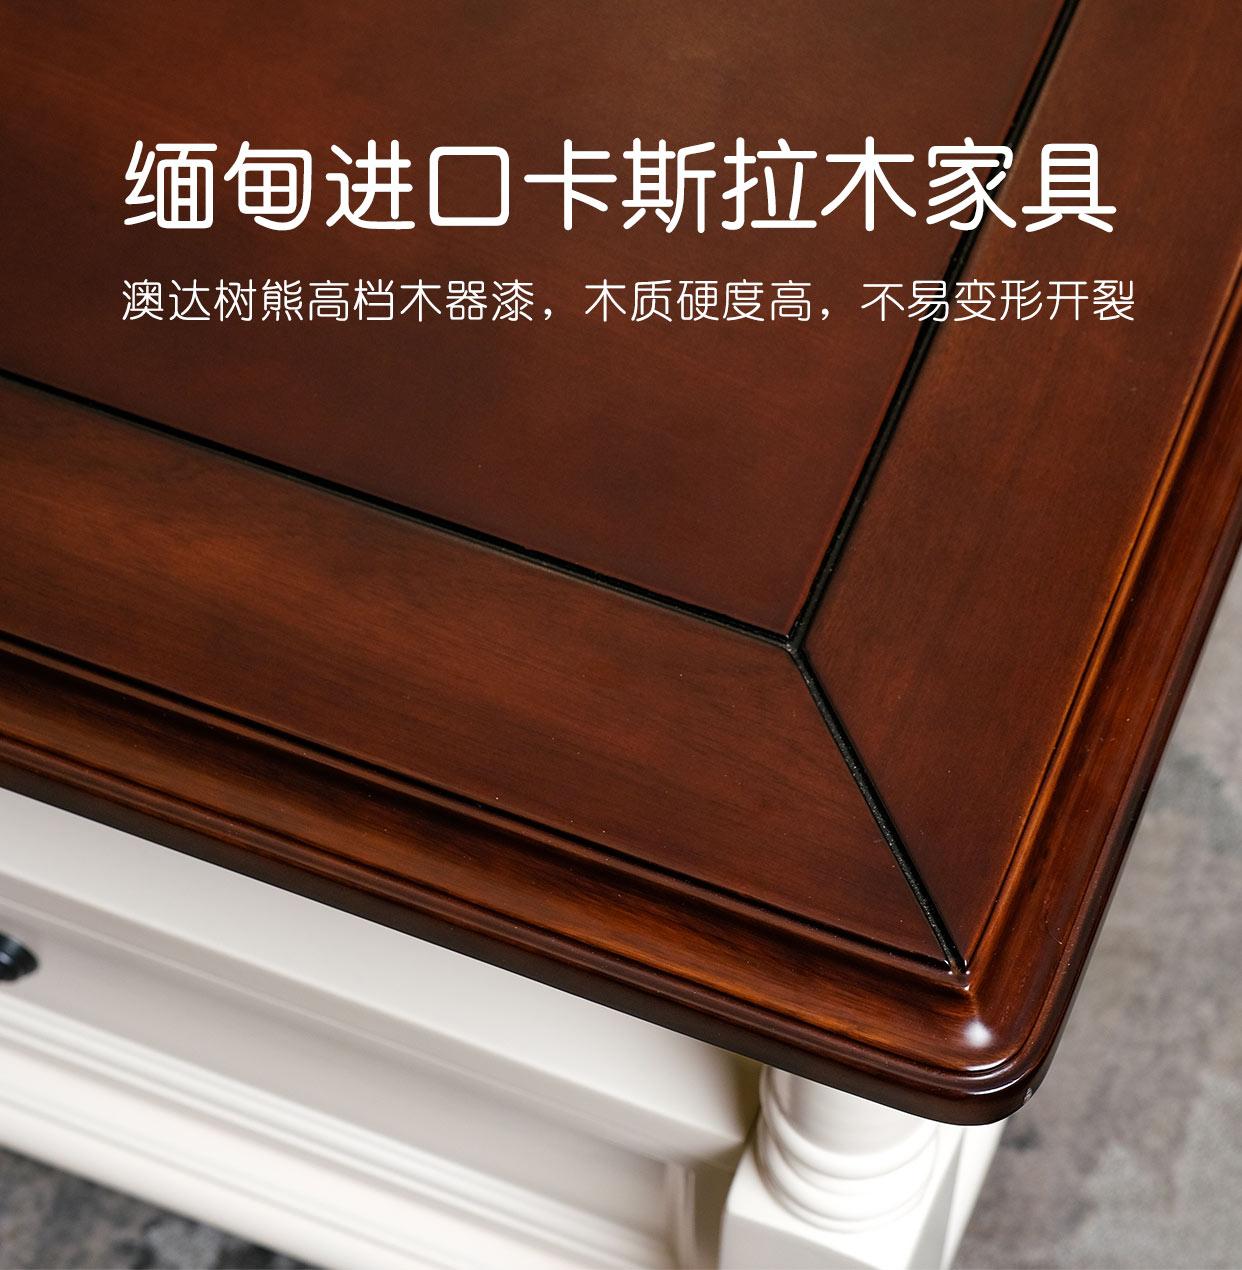 家具.jpg